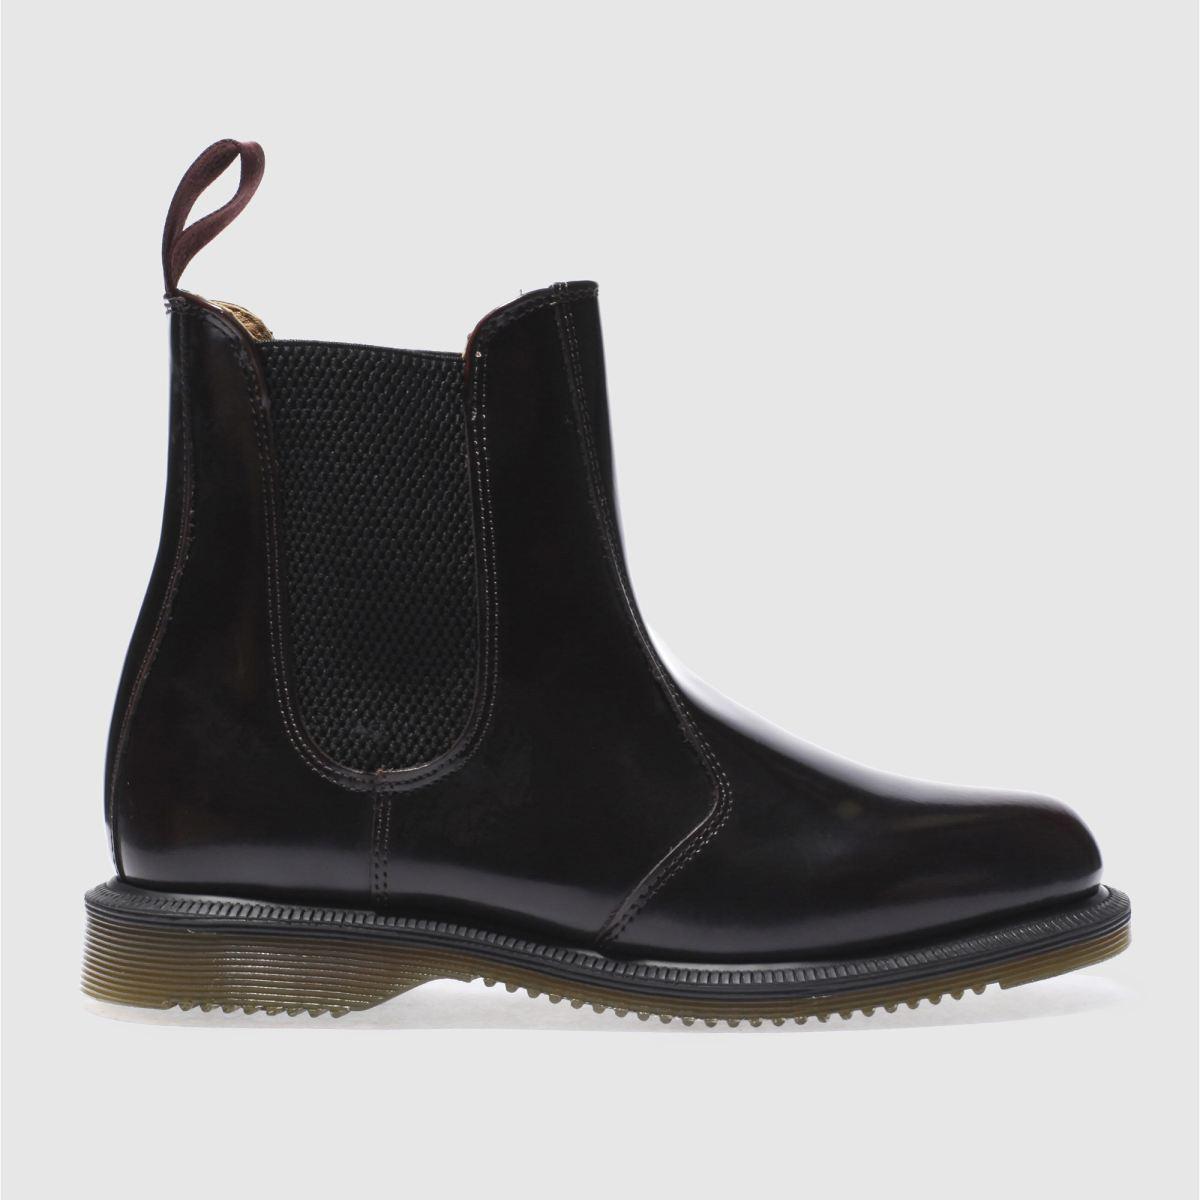 Dr Martens Burgundy Kensington Flora Chelsea Boots